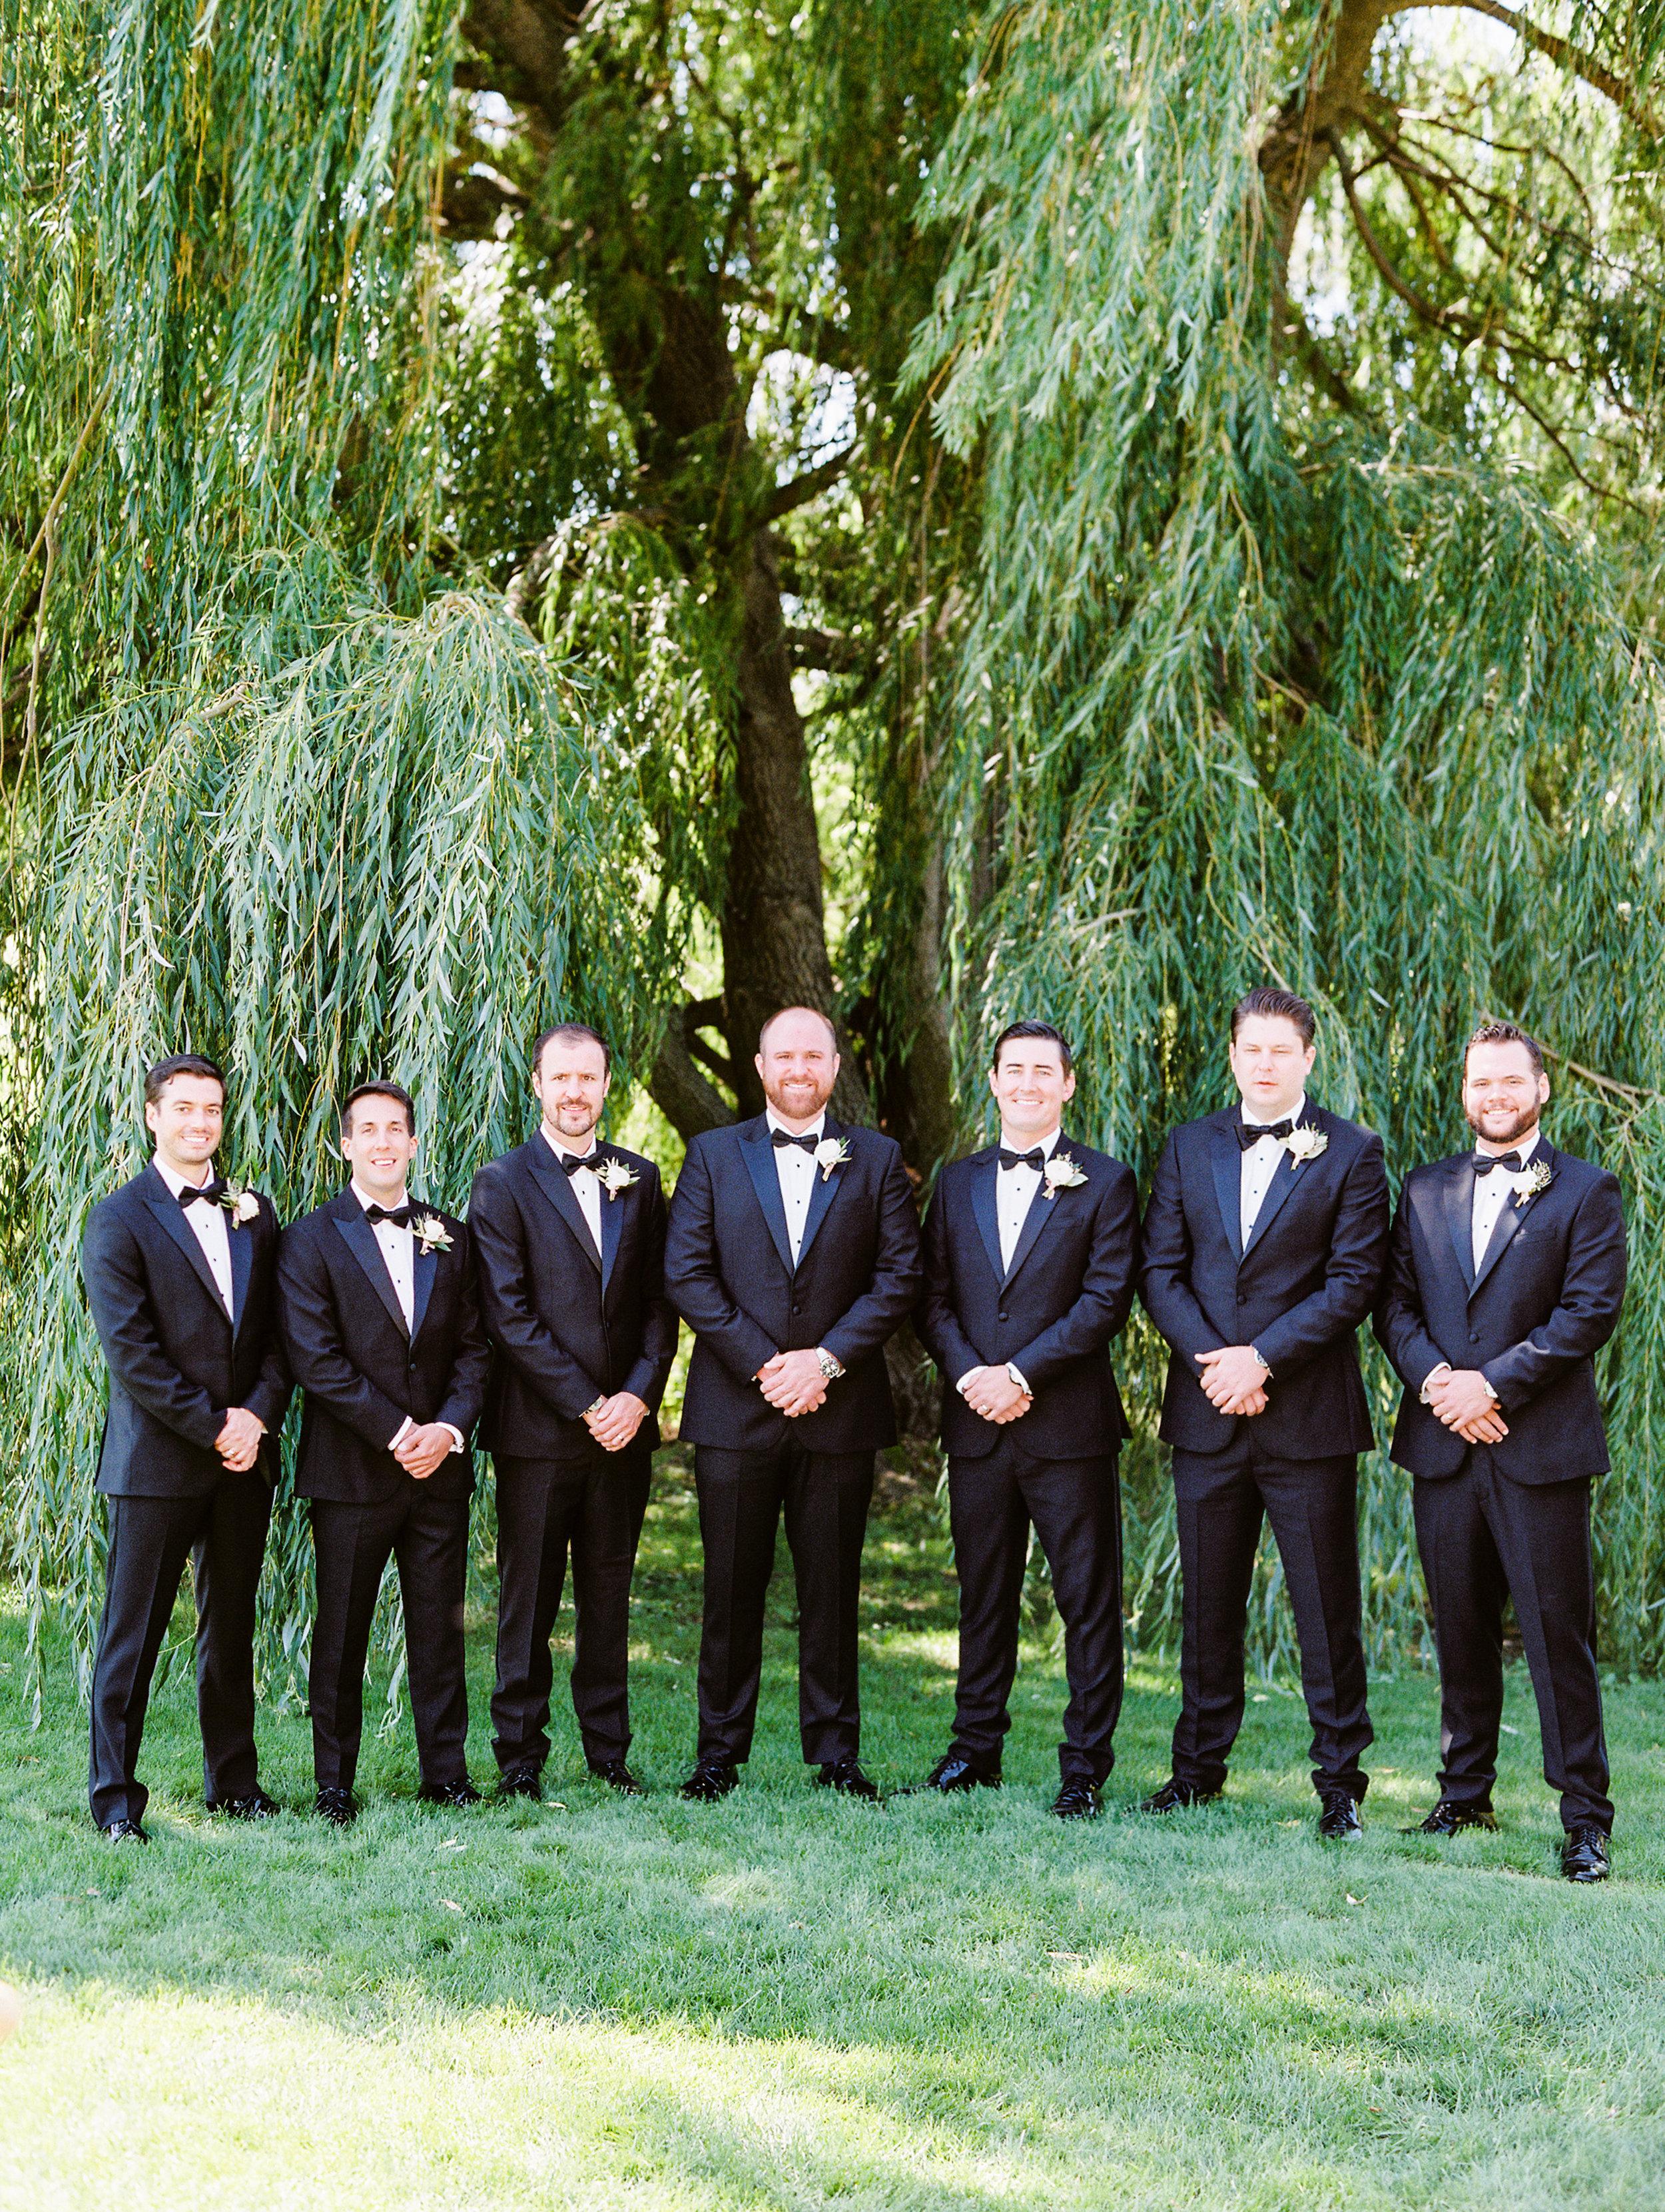 Steinlage+Wedding+Bridal+Party-83.jpg